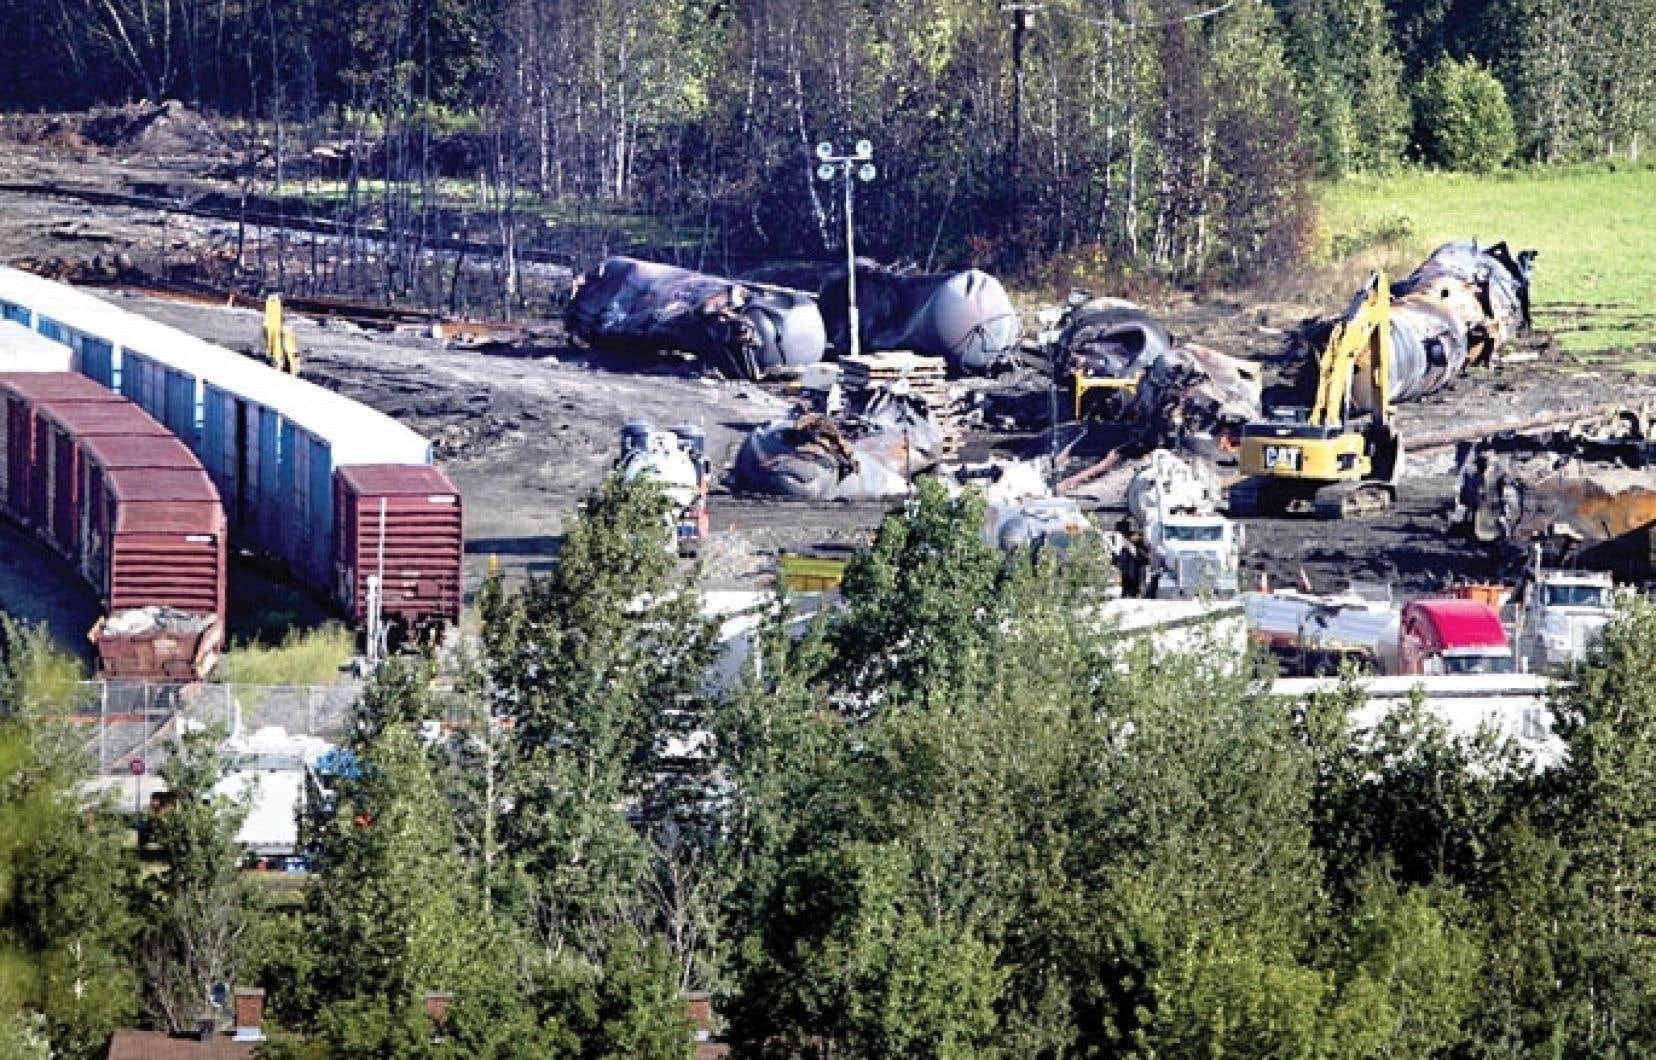 Le déraillement du convoi de la Montreal, Maine and Atlantic Railway en juillet dernier, à Lac-Mégantic, a entraîné la mort de 47 personnes.